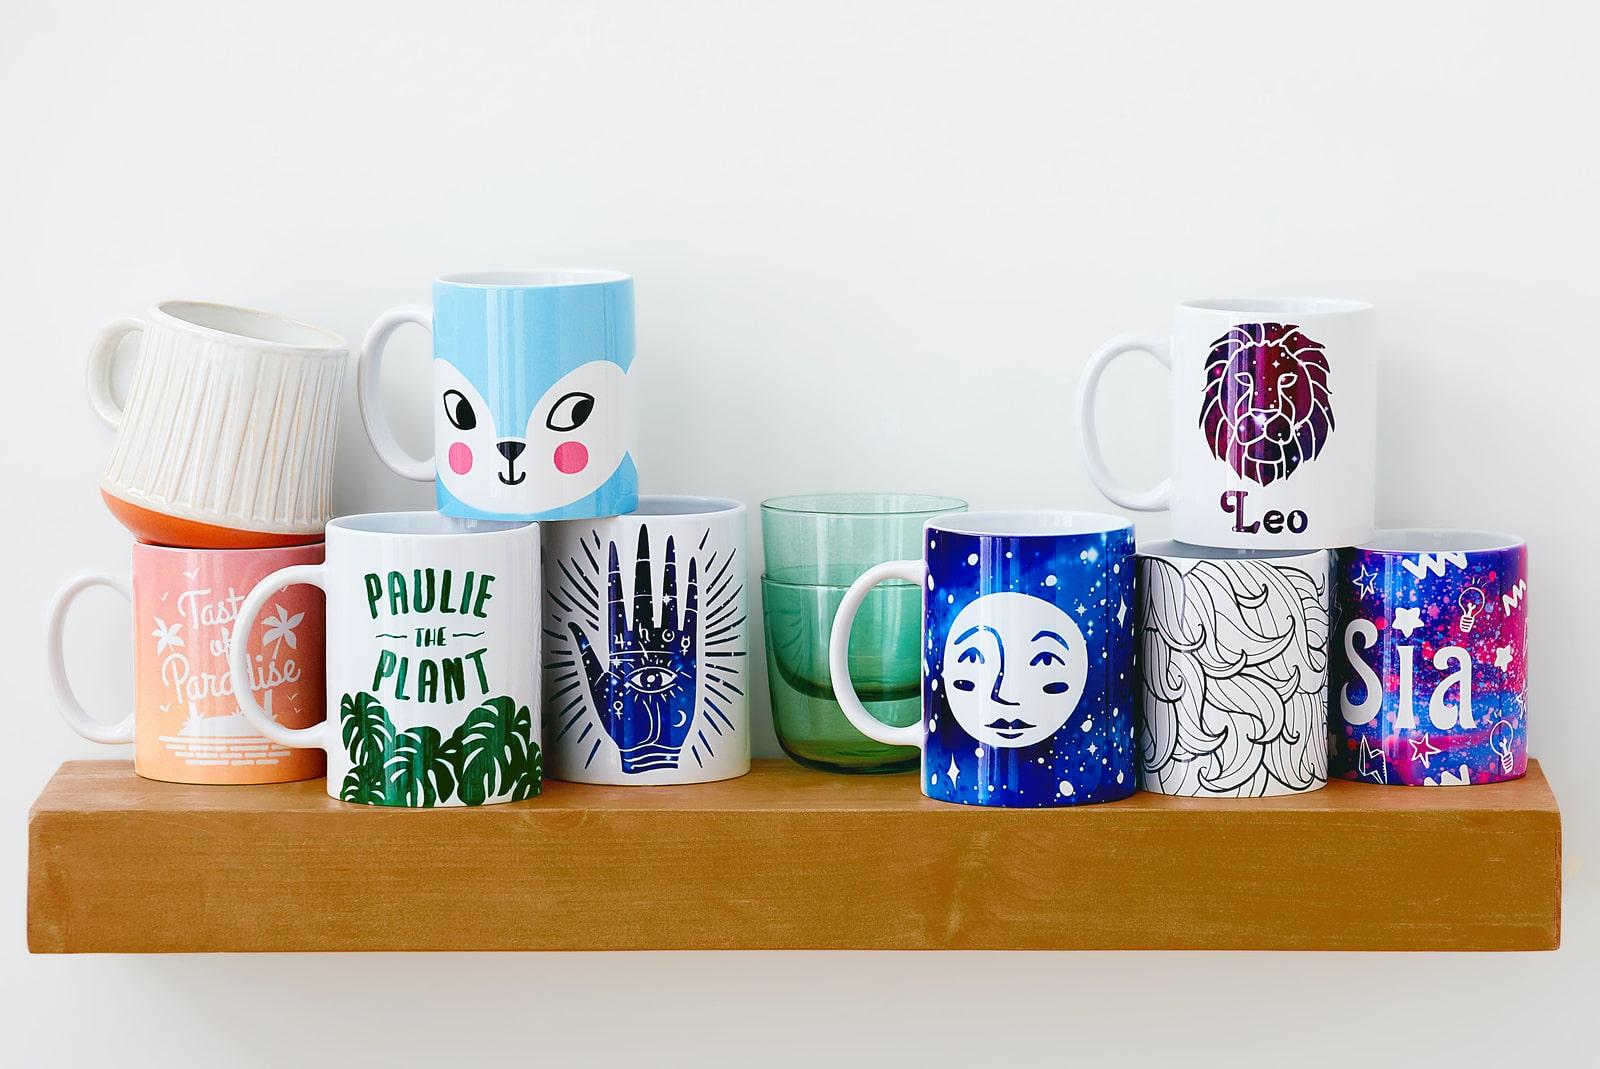 Une variété de verres et de mugs exposés sur une étagère de cuisine.